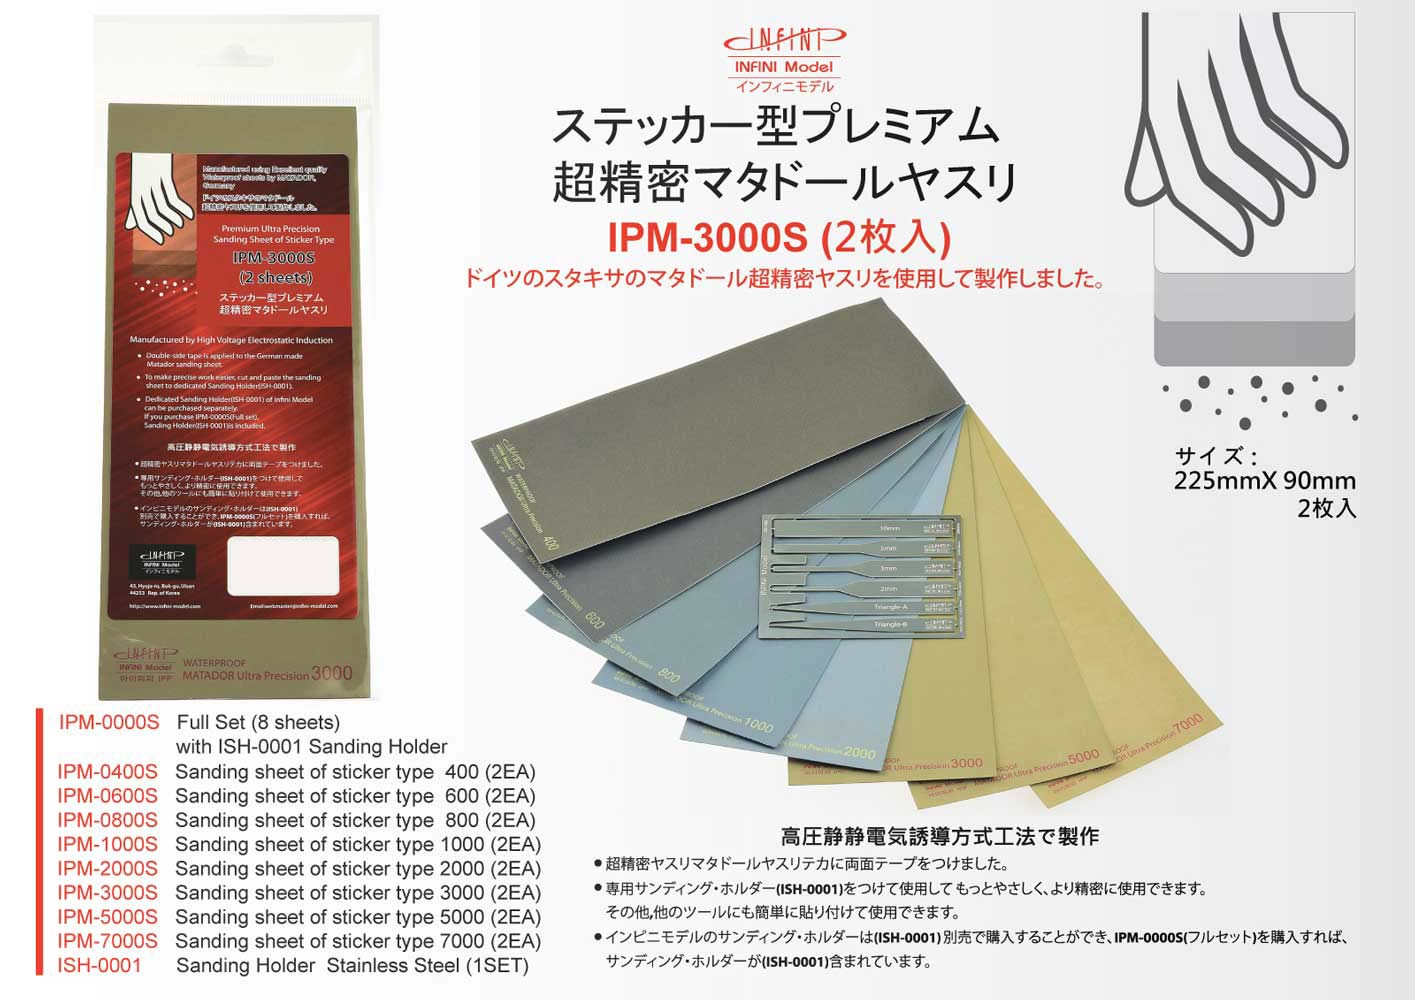 【インフィニモデル製 輸入品】 本体価格:600円 JANコード:4986470065717